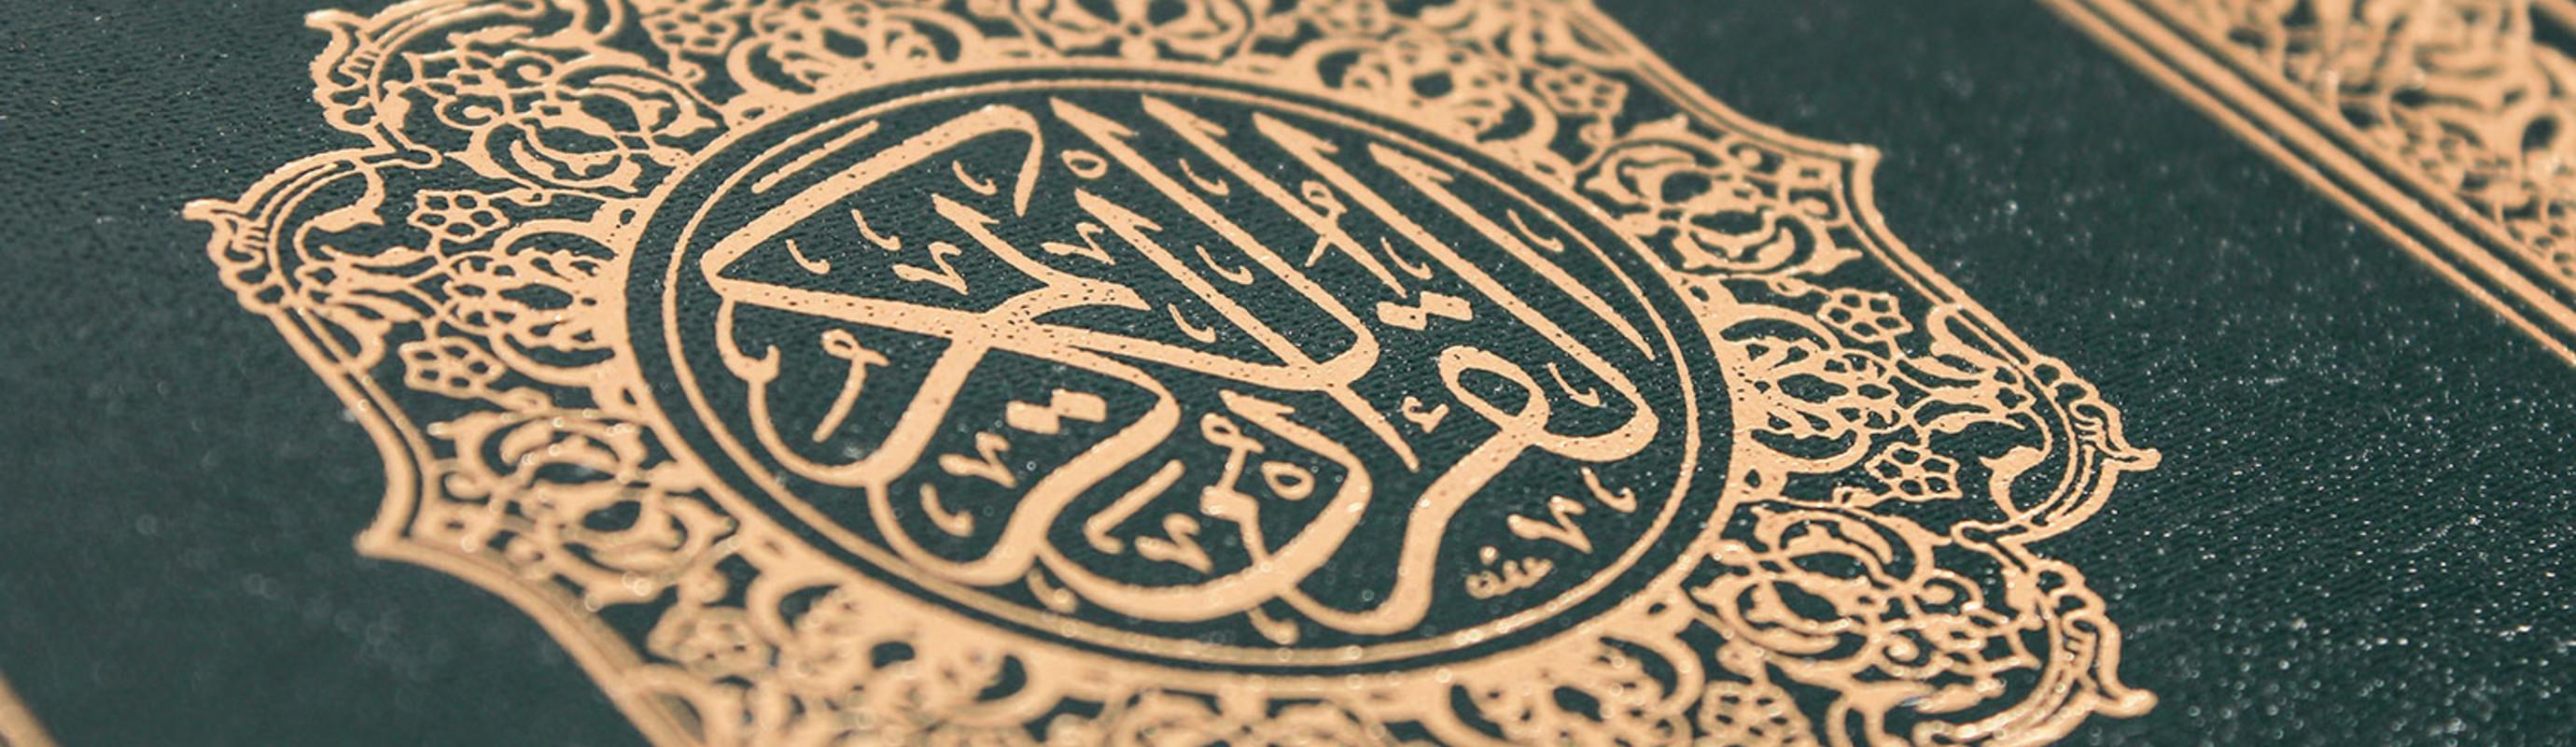 Tafsir serie - dieper en dieper in de oneindige dieptes van de Heilige Koran..- aflevering 3 - Farsi.